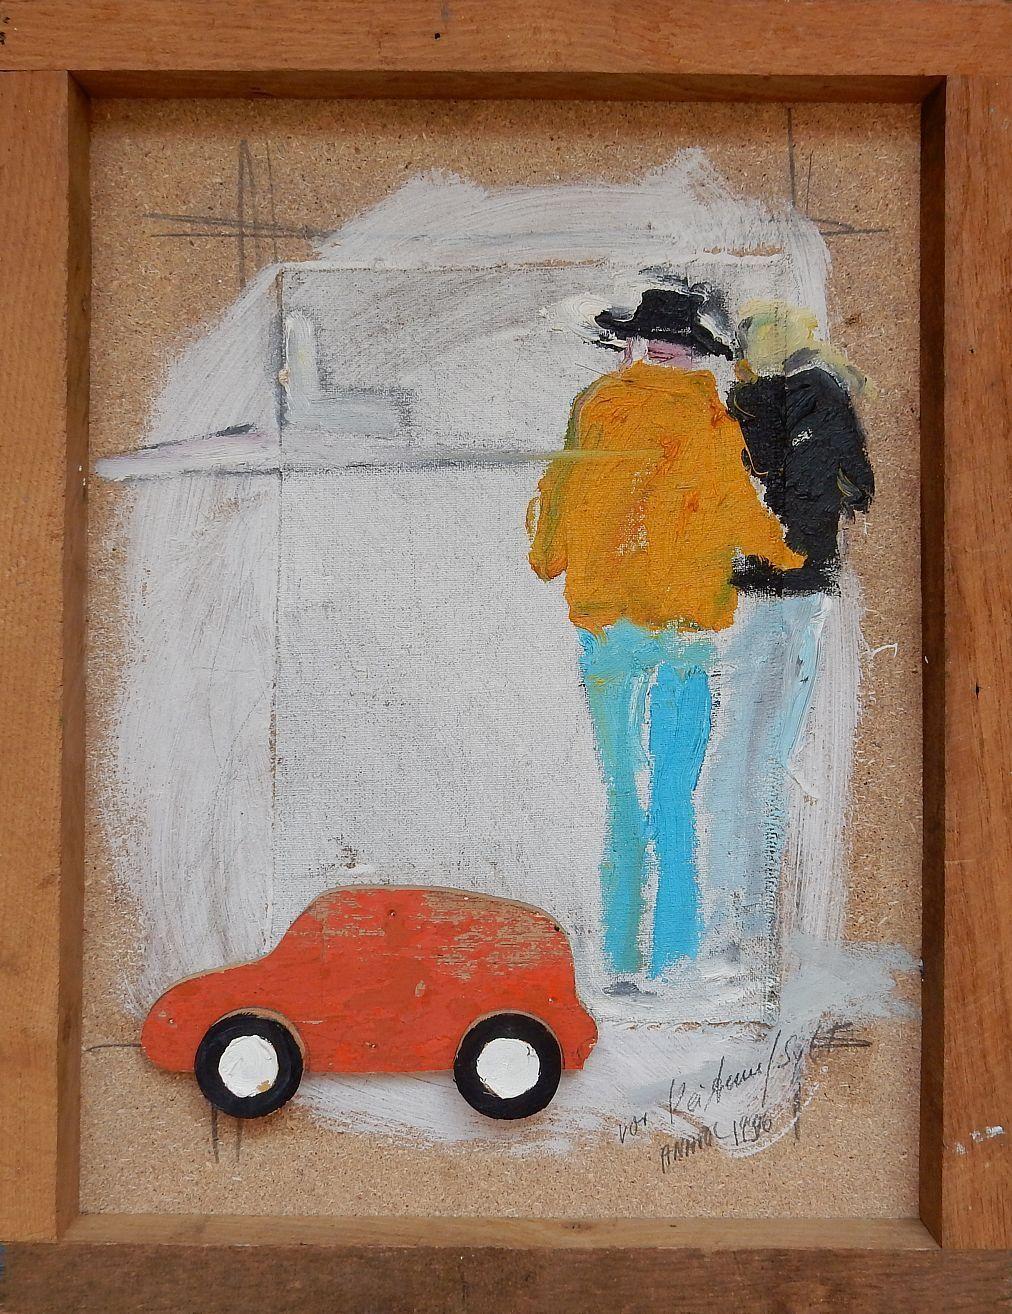 Anatol Herzfeld - Vor Keitum/Sylt, Mischtechnik und Collage, 50x38,5 cm, signiert 1986 kopen? Bied vanaf 490!